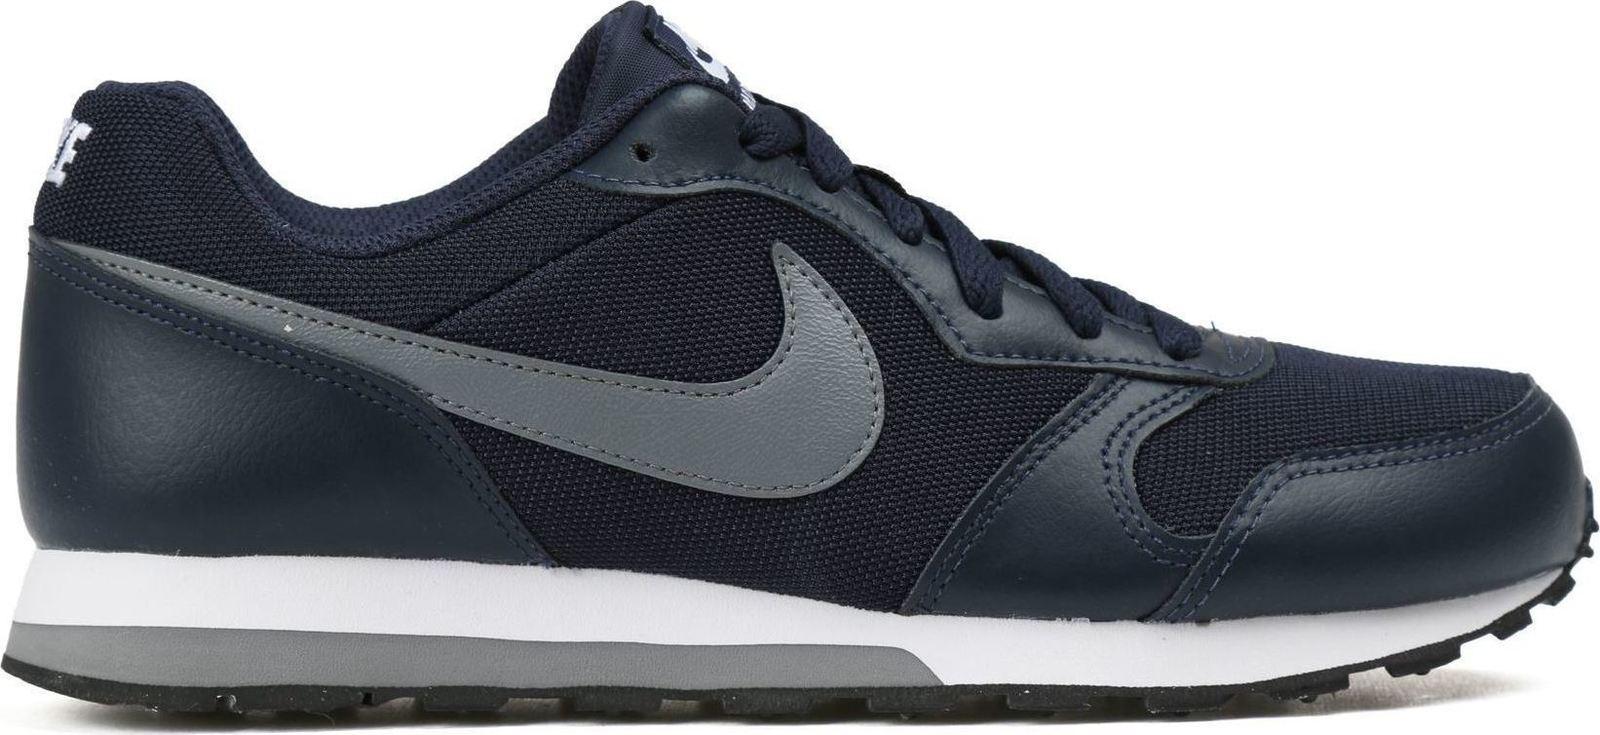 Προσθήκη στα αγαπημένα menu Nike Md Runner 2 GS 807316-404 51b02691e32c2